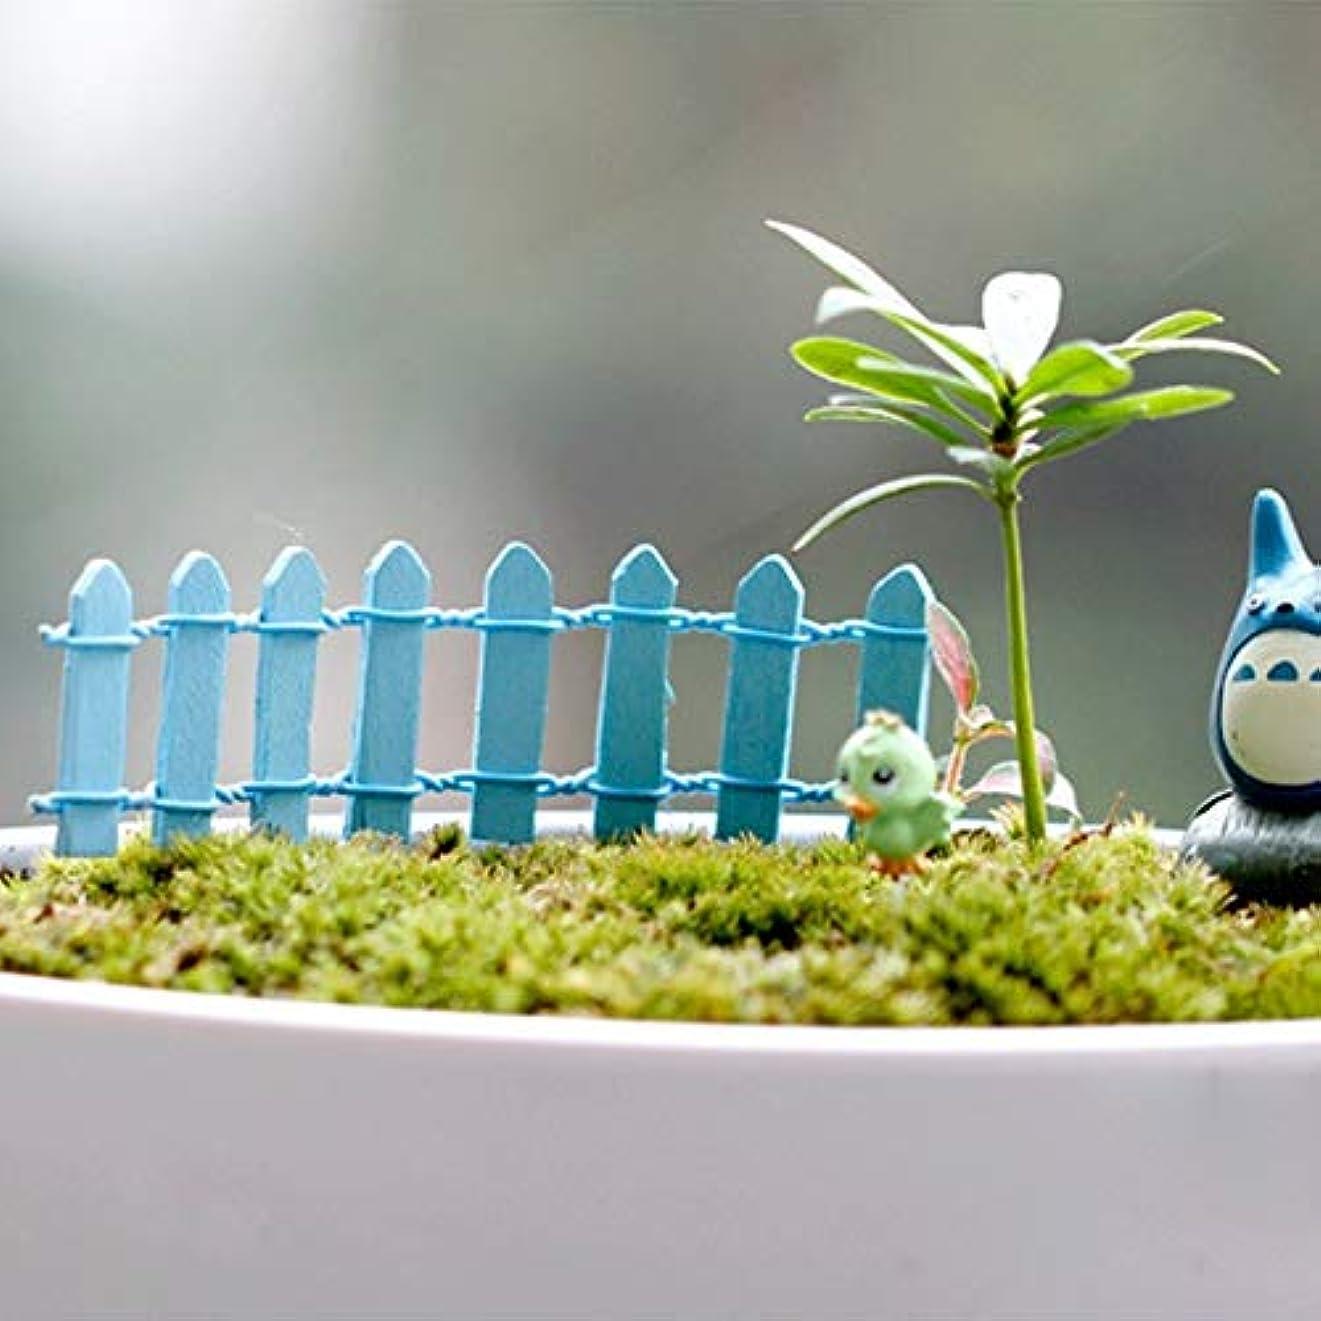 アンビエント予約不快Jicorzo - 20個DIY木製の小さなフェンスモステラリウム植木鉢工芸ミニおもちゃフェアリーガーデンミニチュア[青]